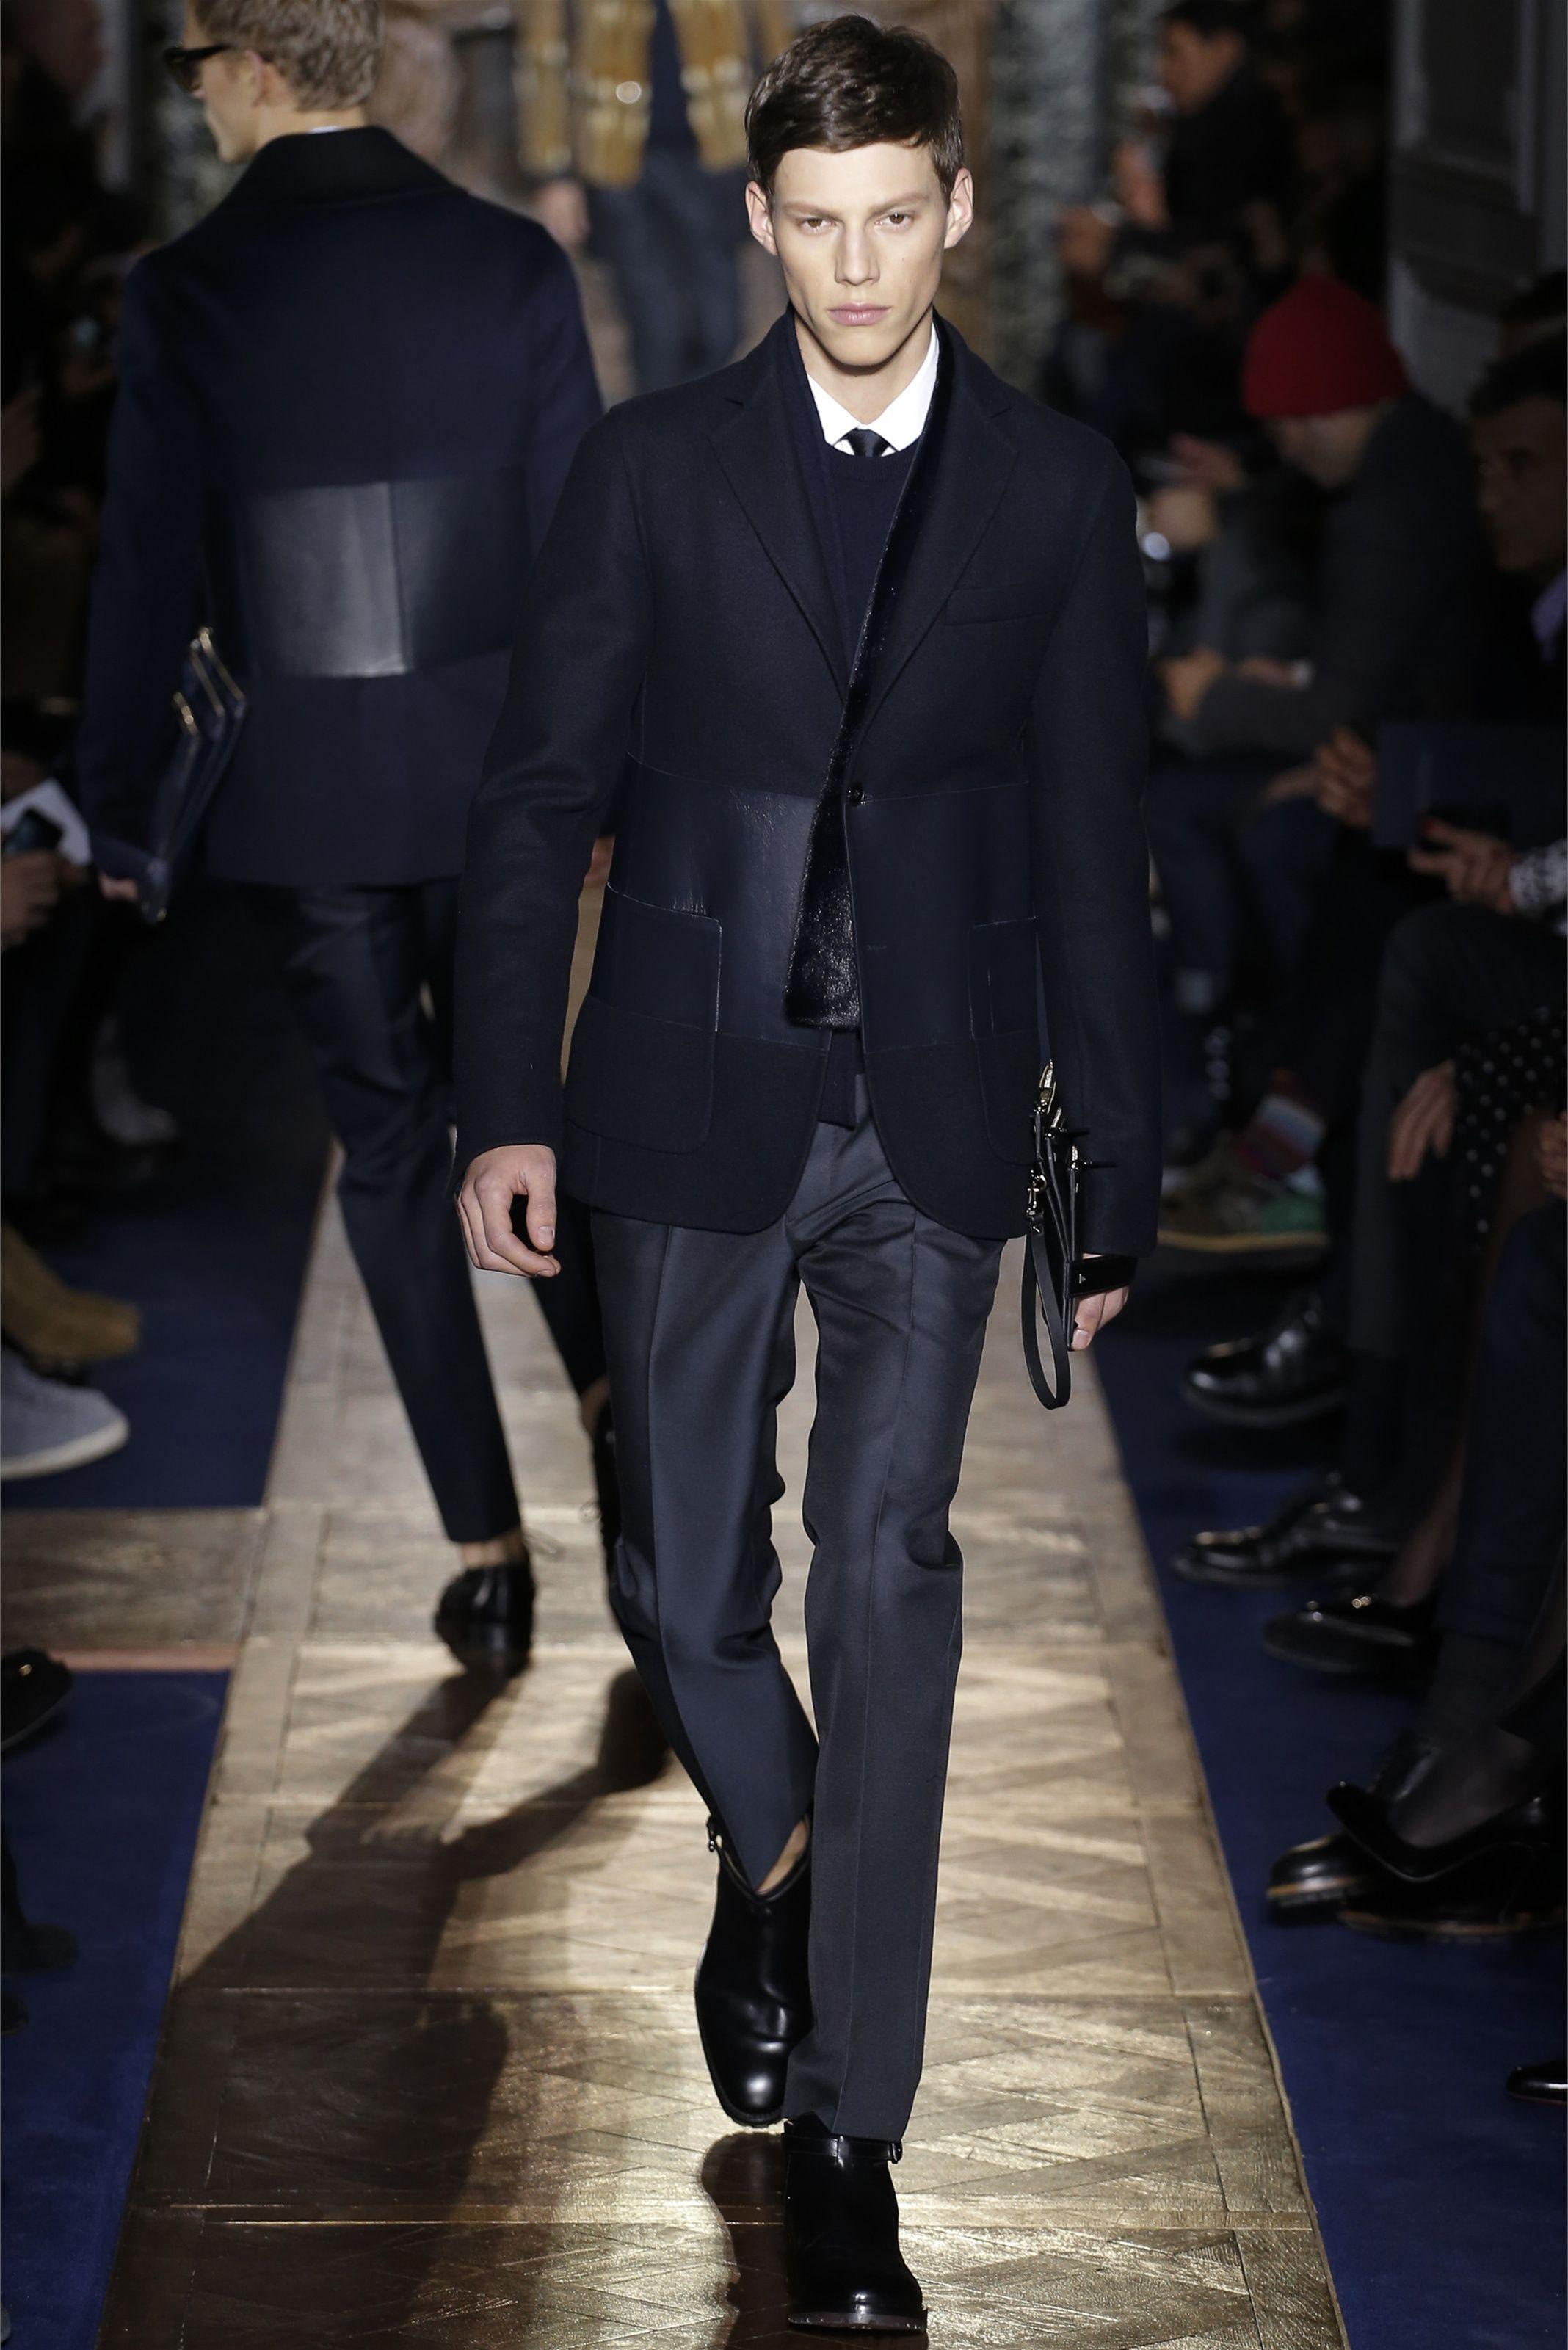 Sfilata Valentino Milano Moda Uomo Autunno Inverno 2013-14 - Vogue Moda  Masculina ff7903e9d42